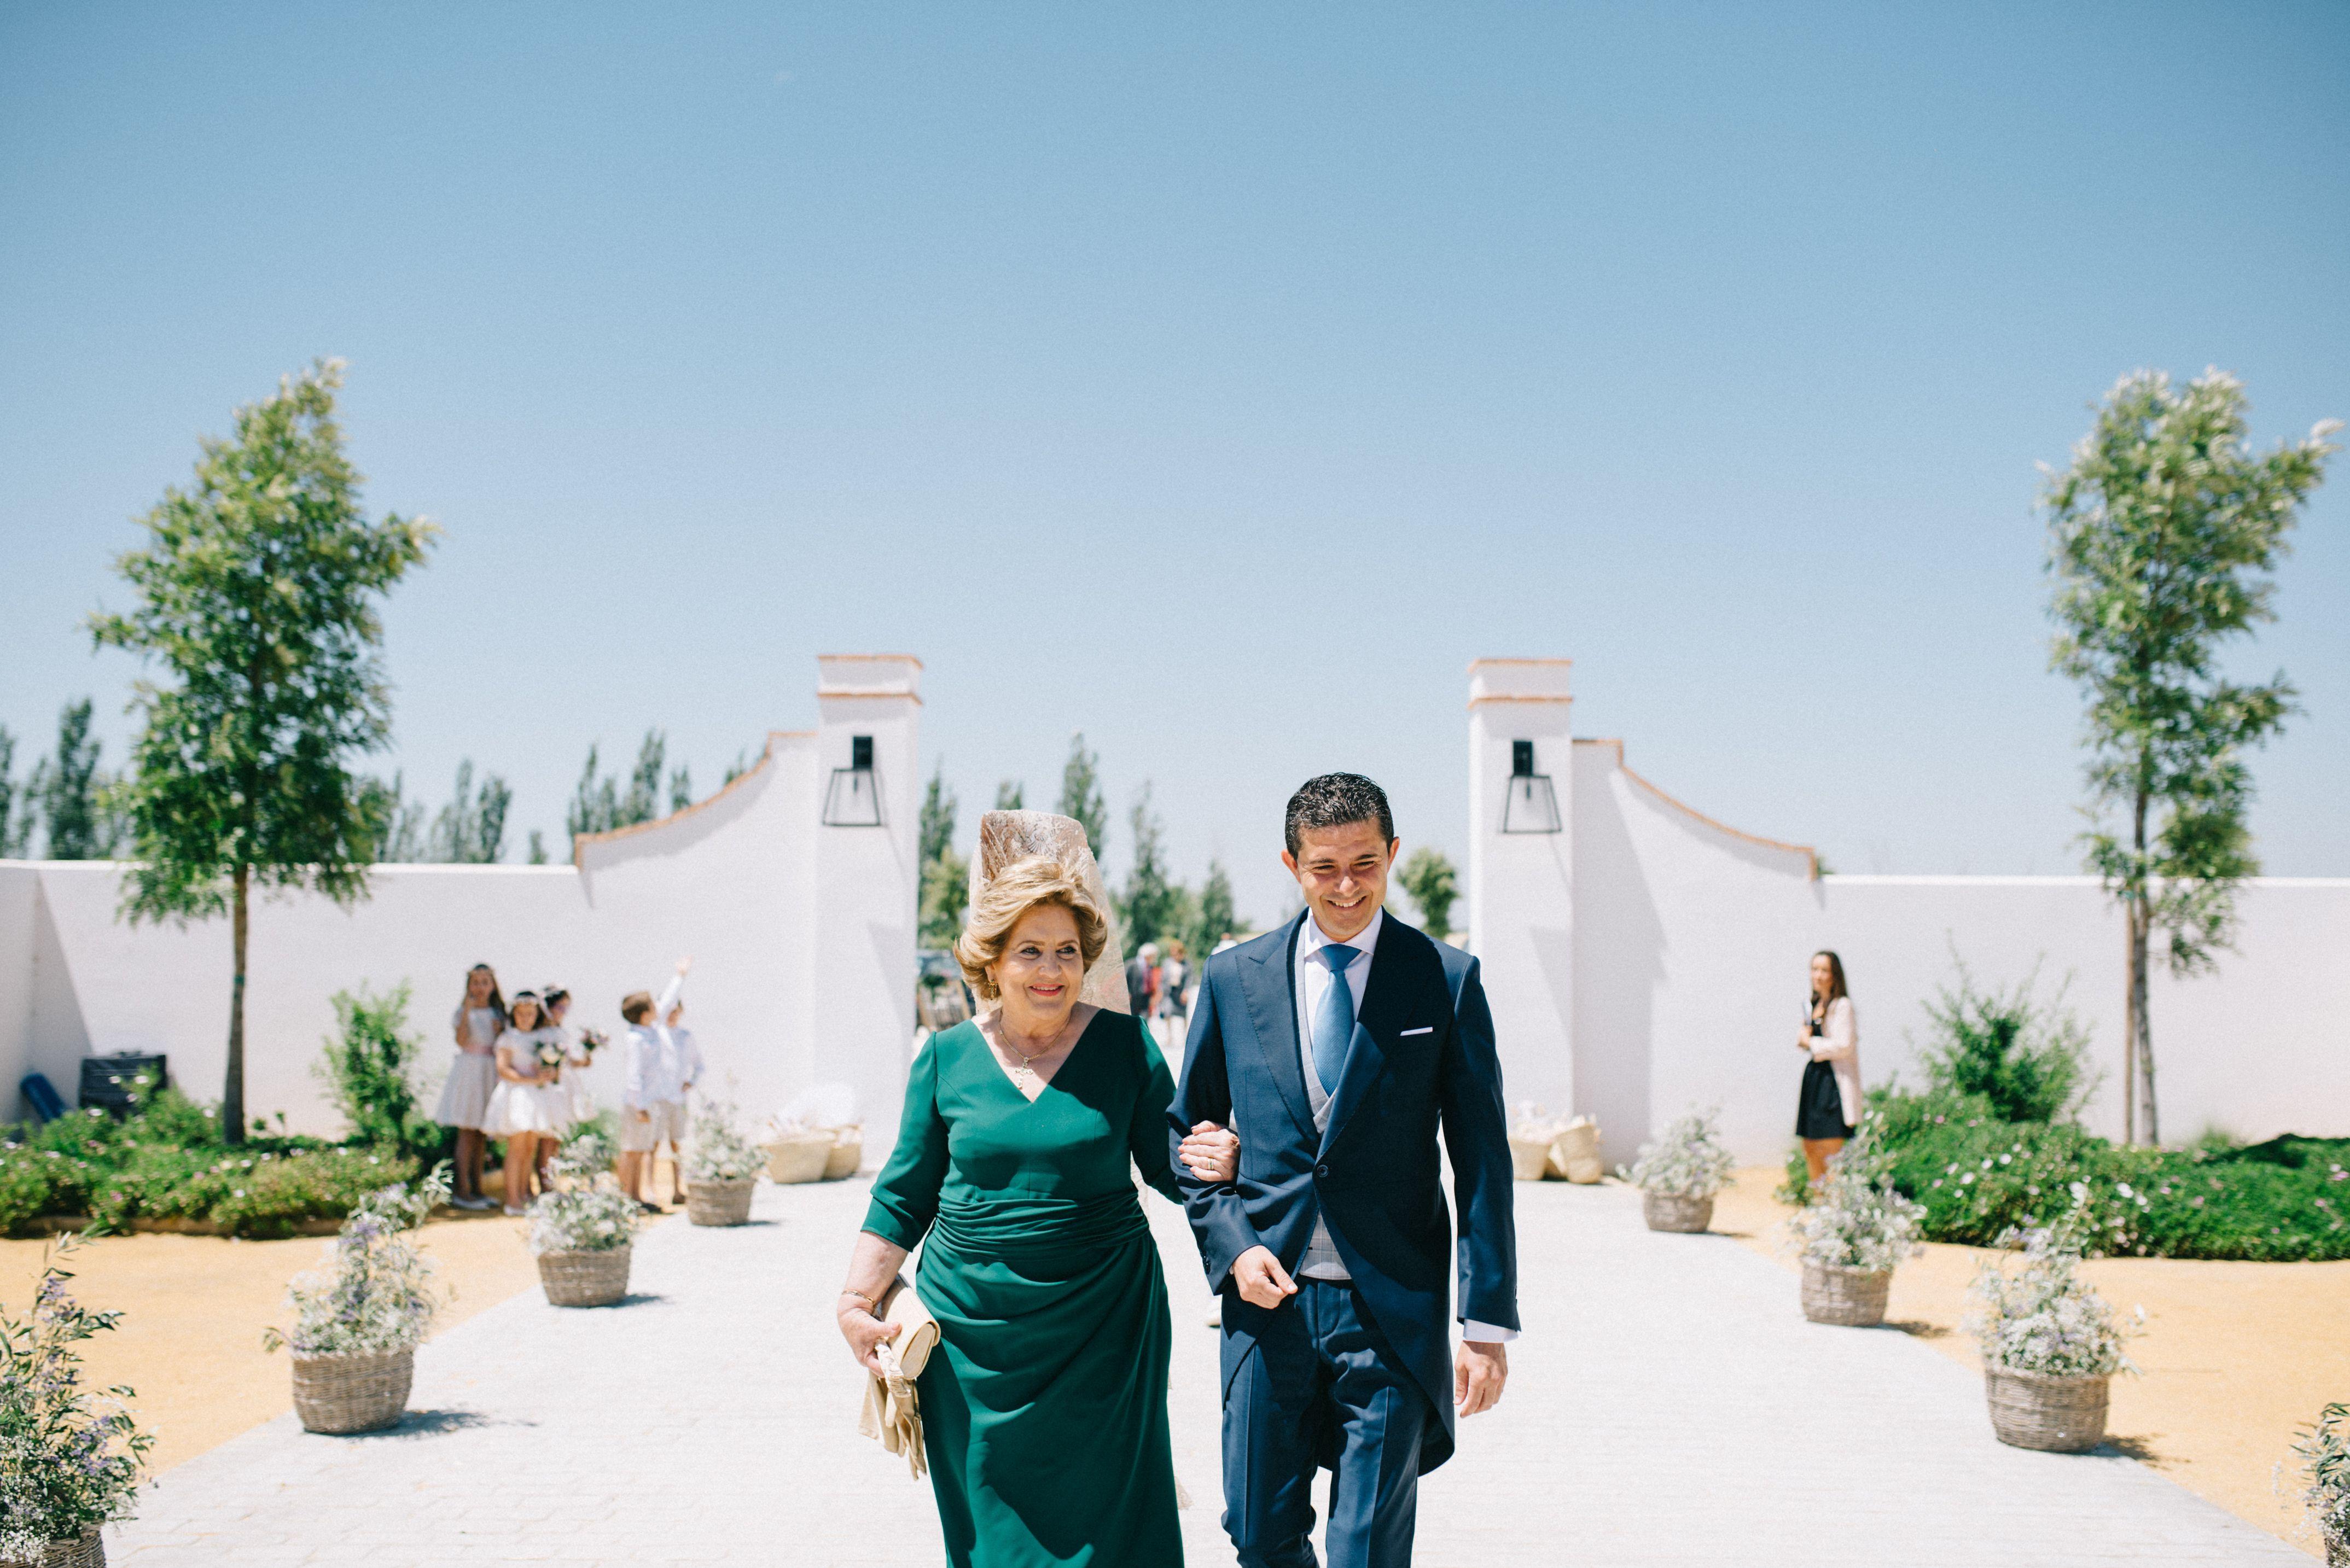 La boda de María y Guillermo en Cortijo Olivar de la Sargenta-54